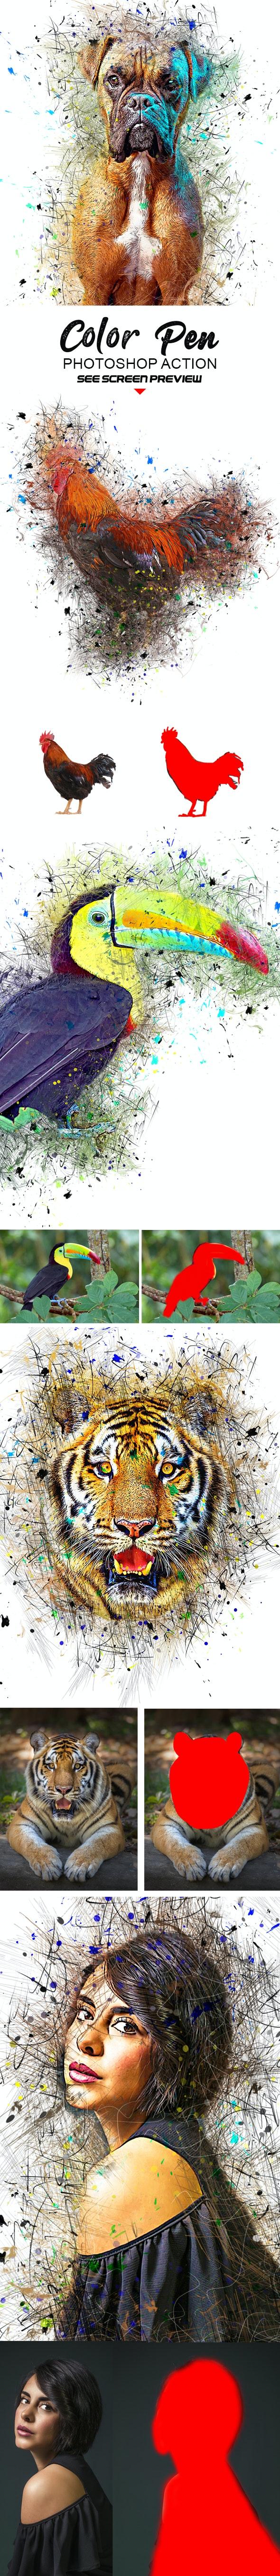 Color Pen Photoshop Action - Actions Photoshop